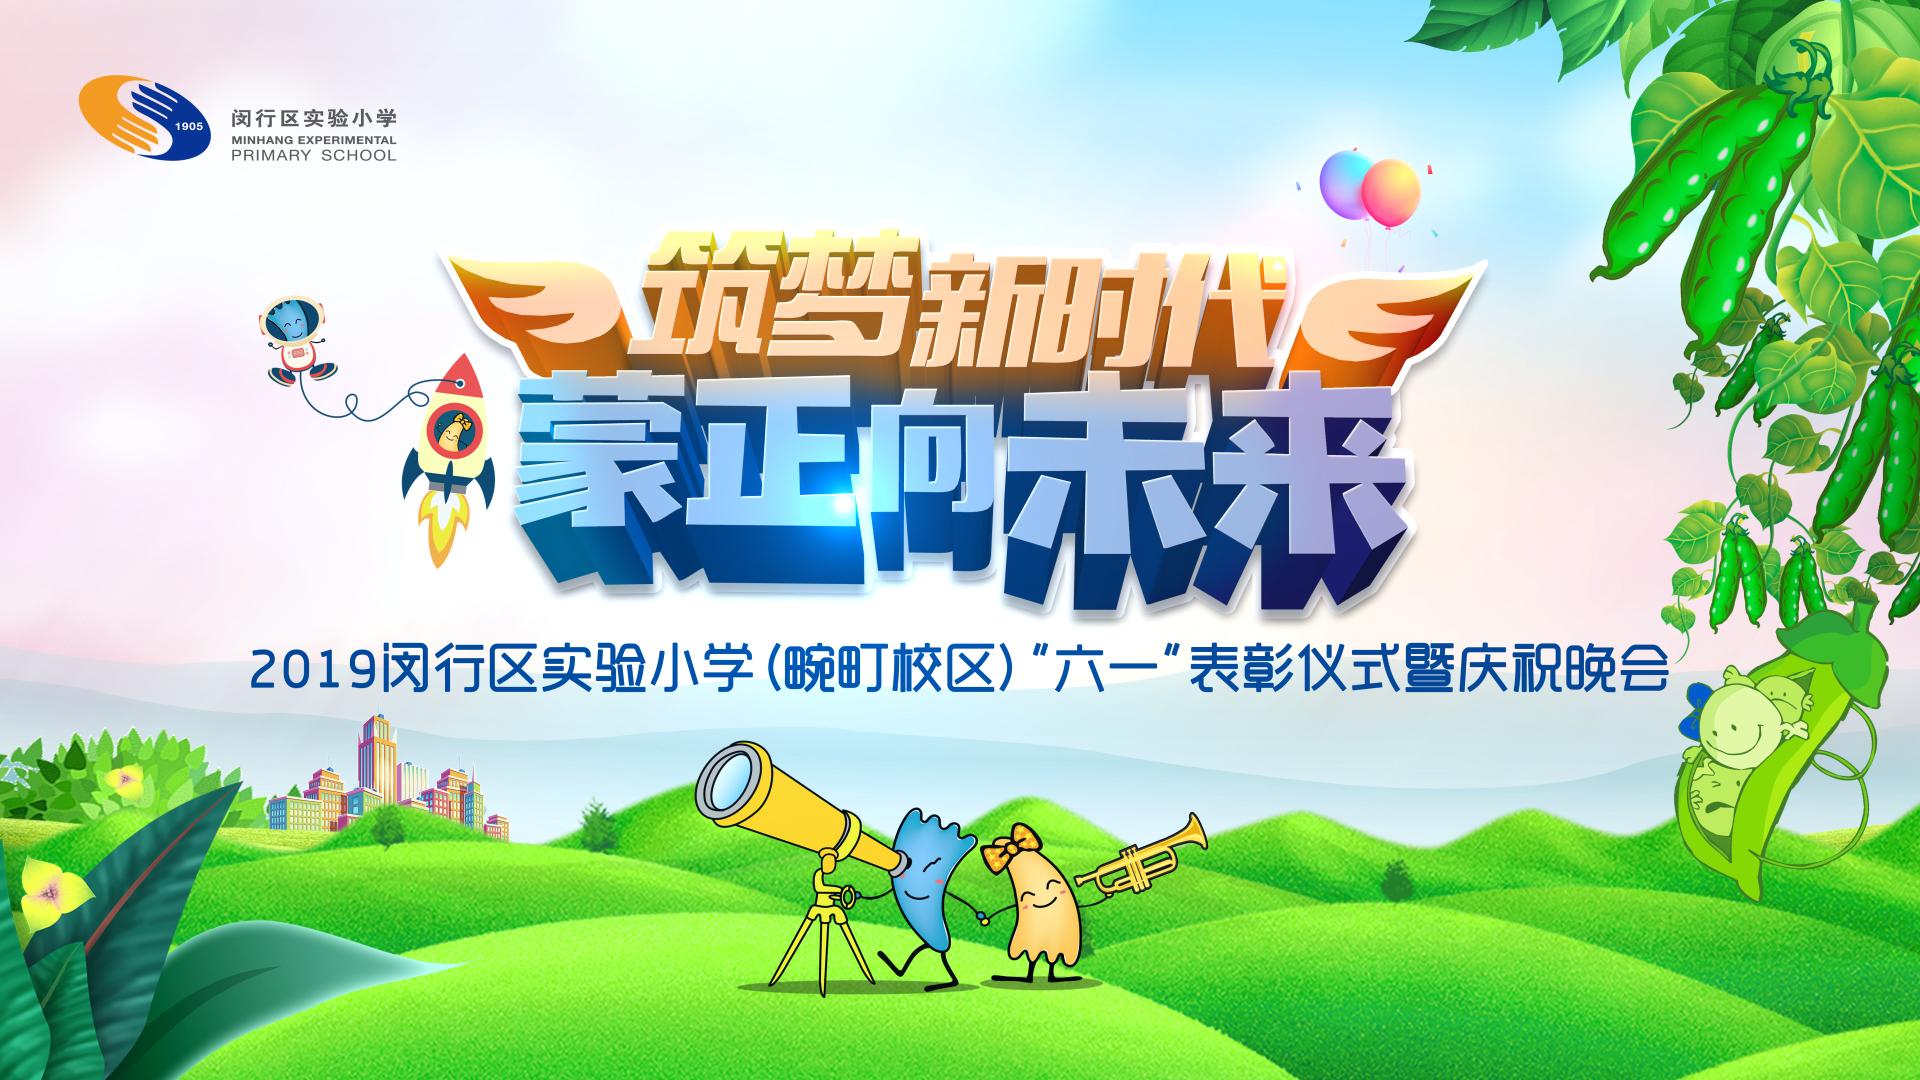 六一·快乐 上海学校儿童节活动云摄影幼儿园培训机构庆典活动多机位摄像